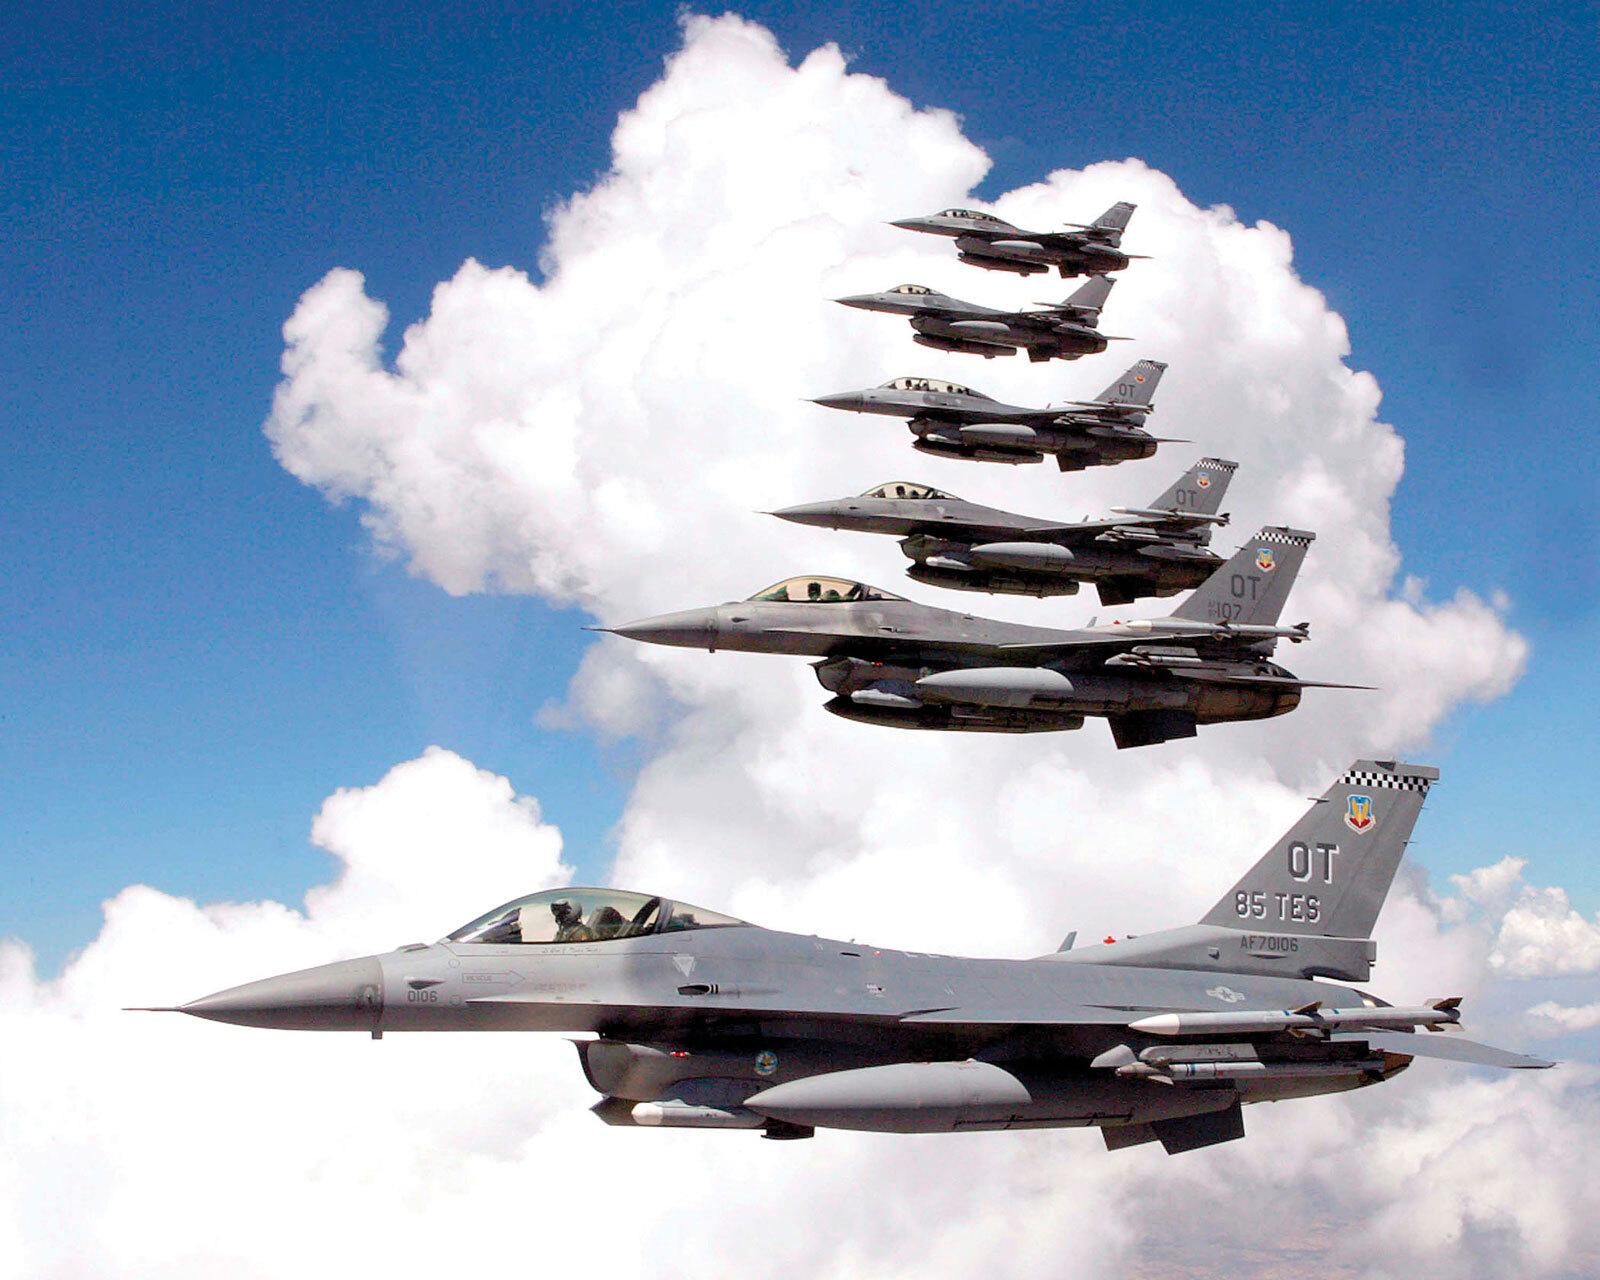 Повышенный спрос на американский истребитель F-16 вынудил производителя открыть новую производственную линию